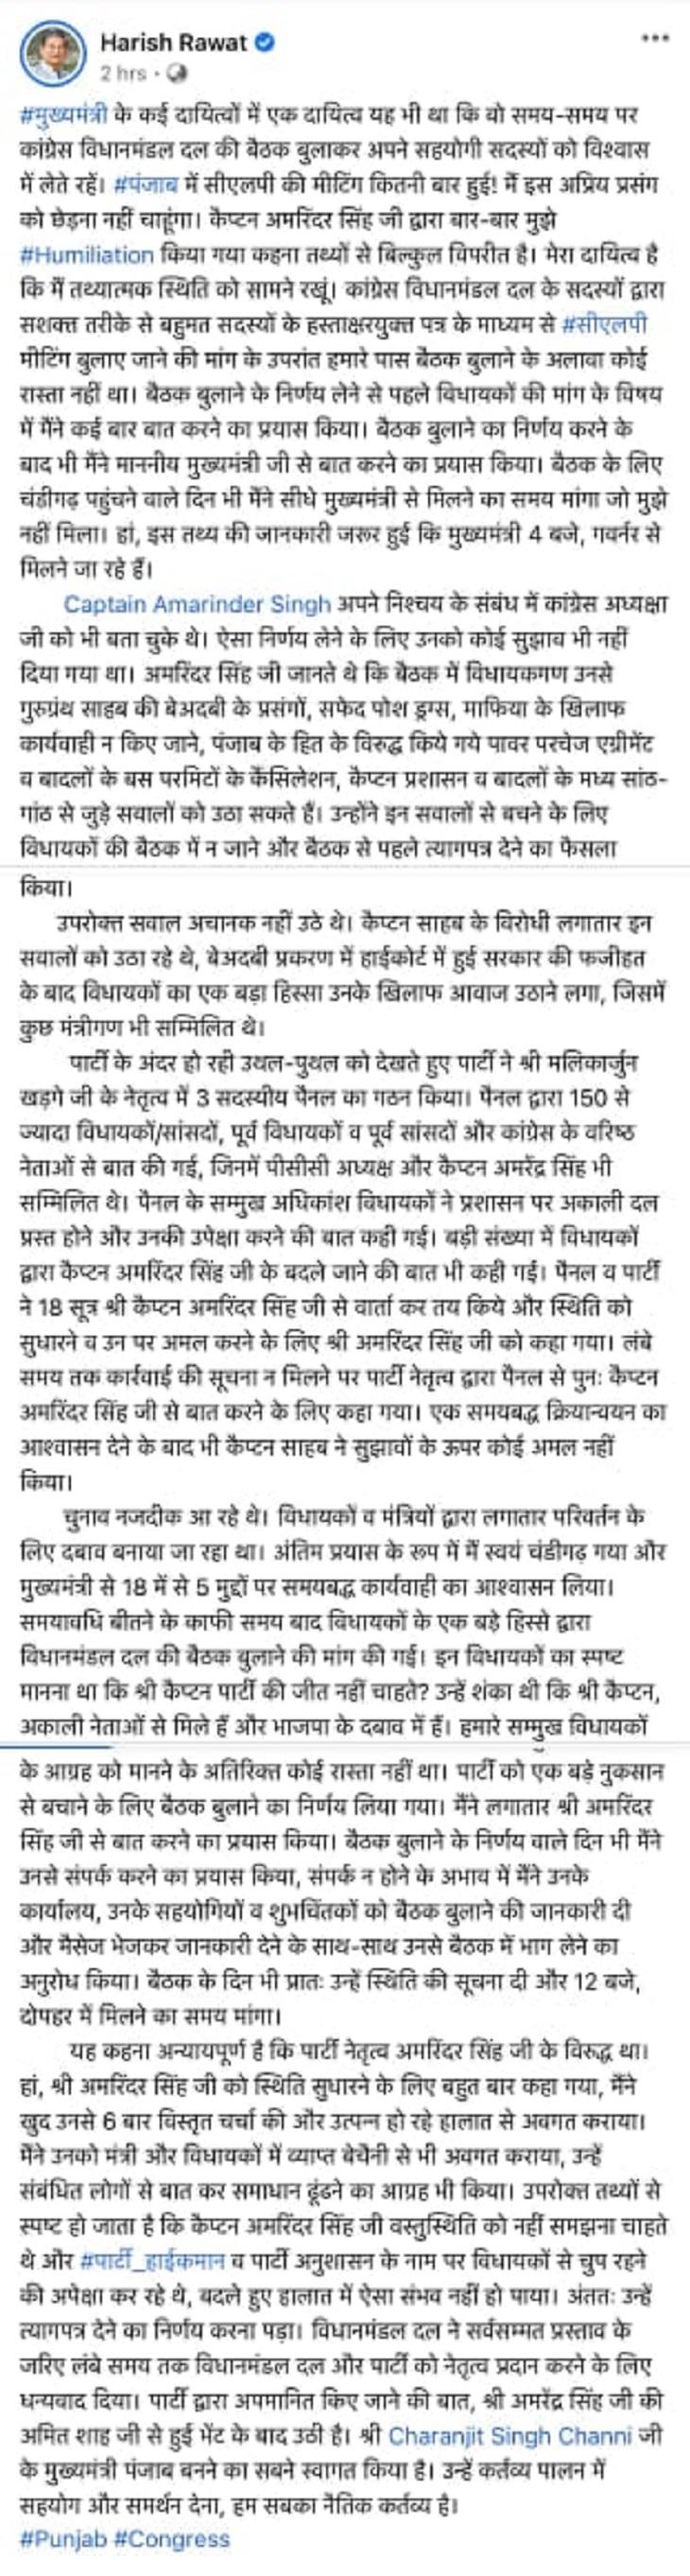 हरीश रावत ने सोशल मीडिया पर अमरिंदर को दिया जवाब।